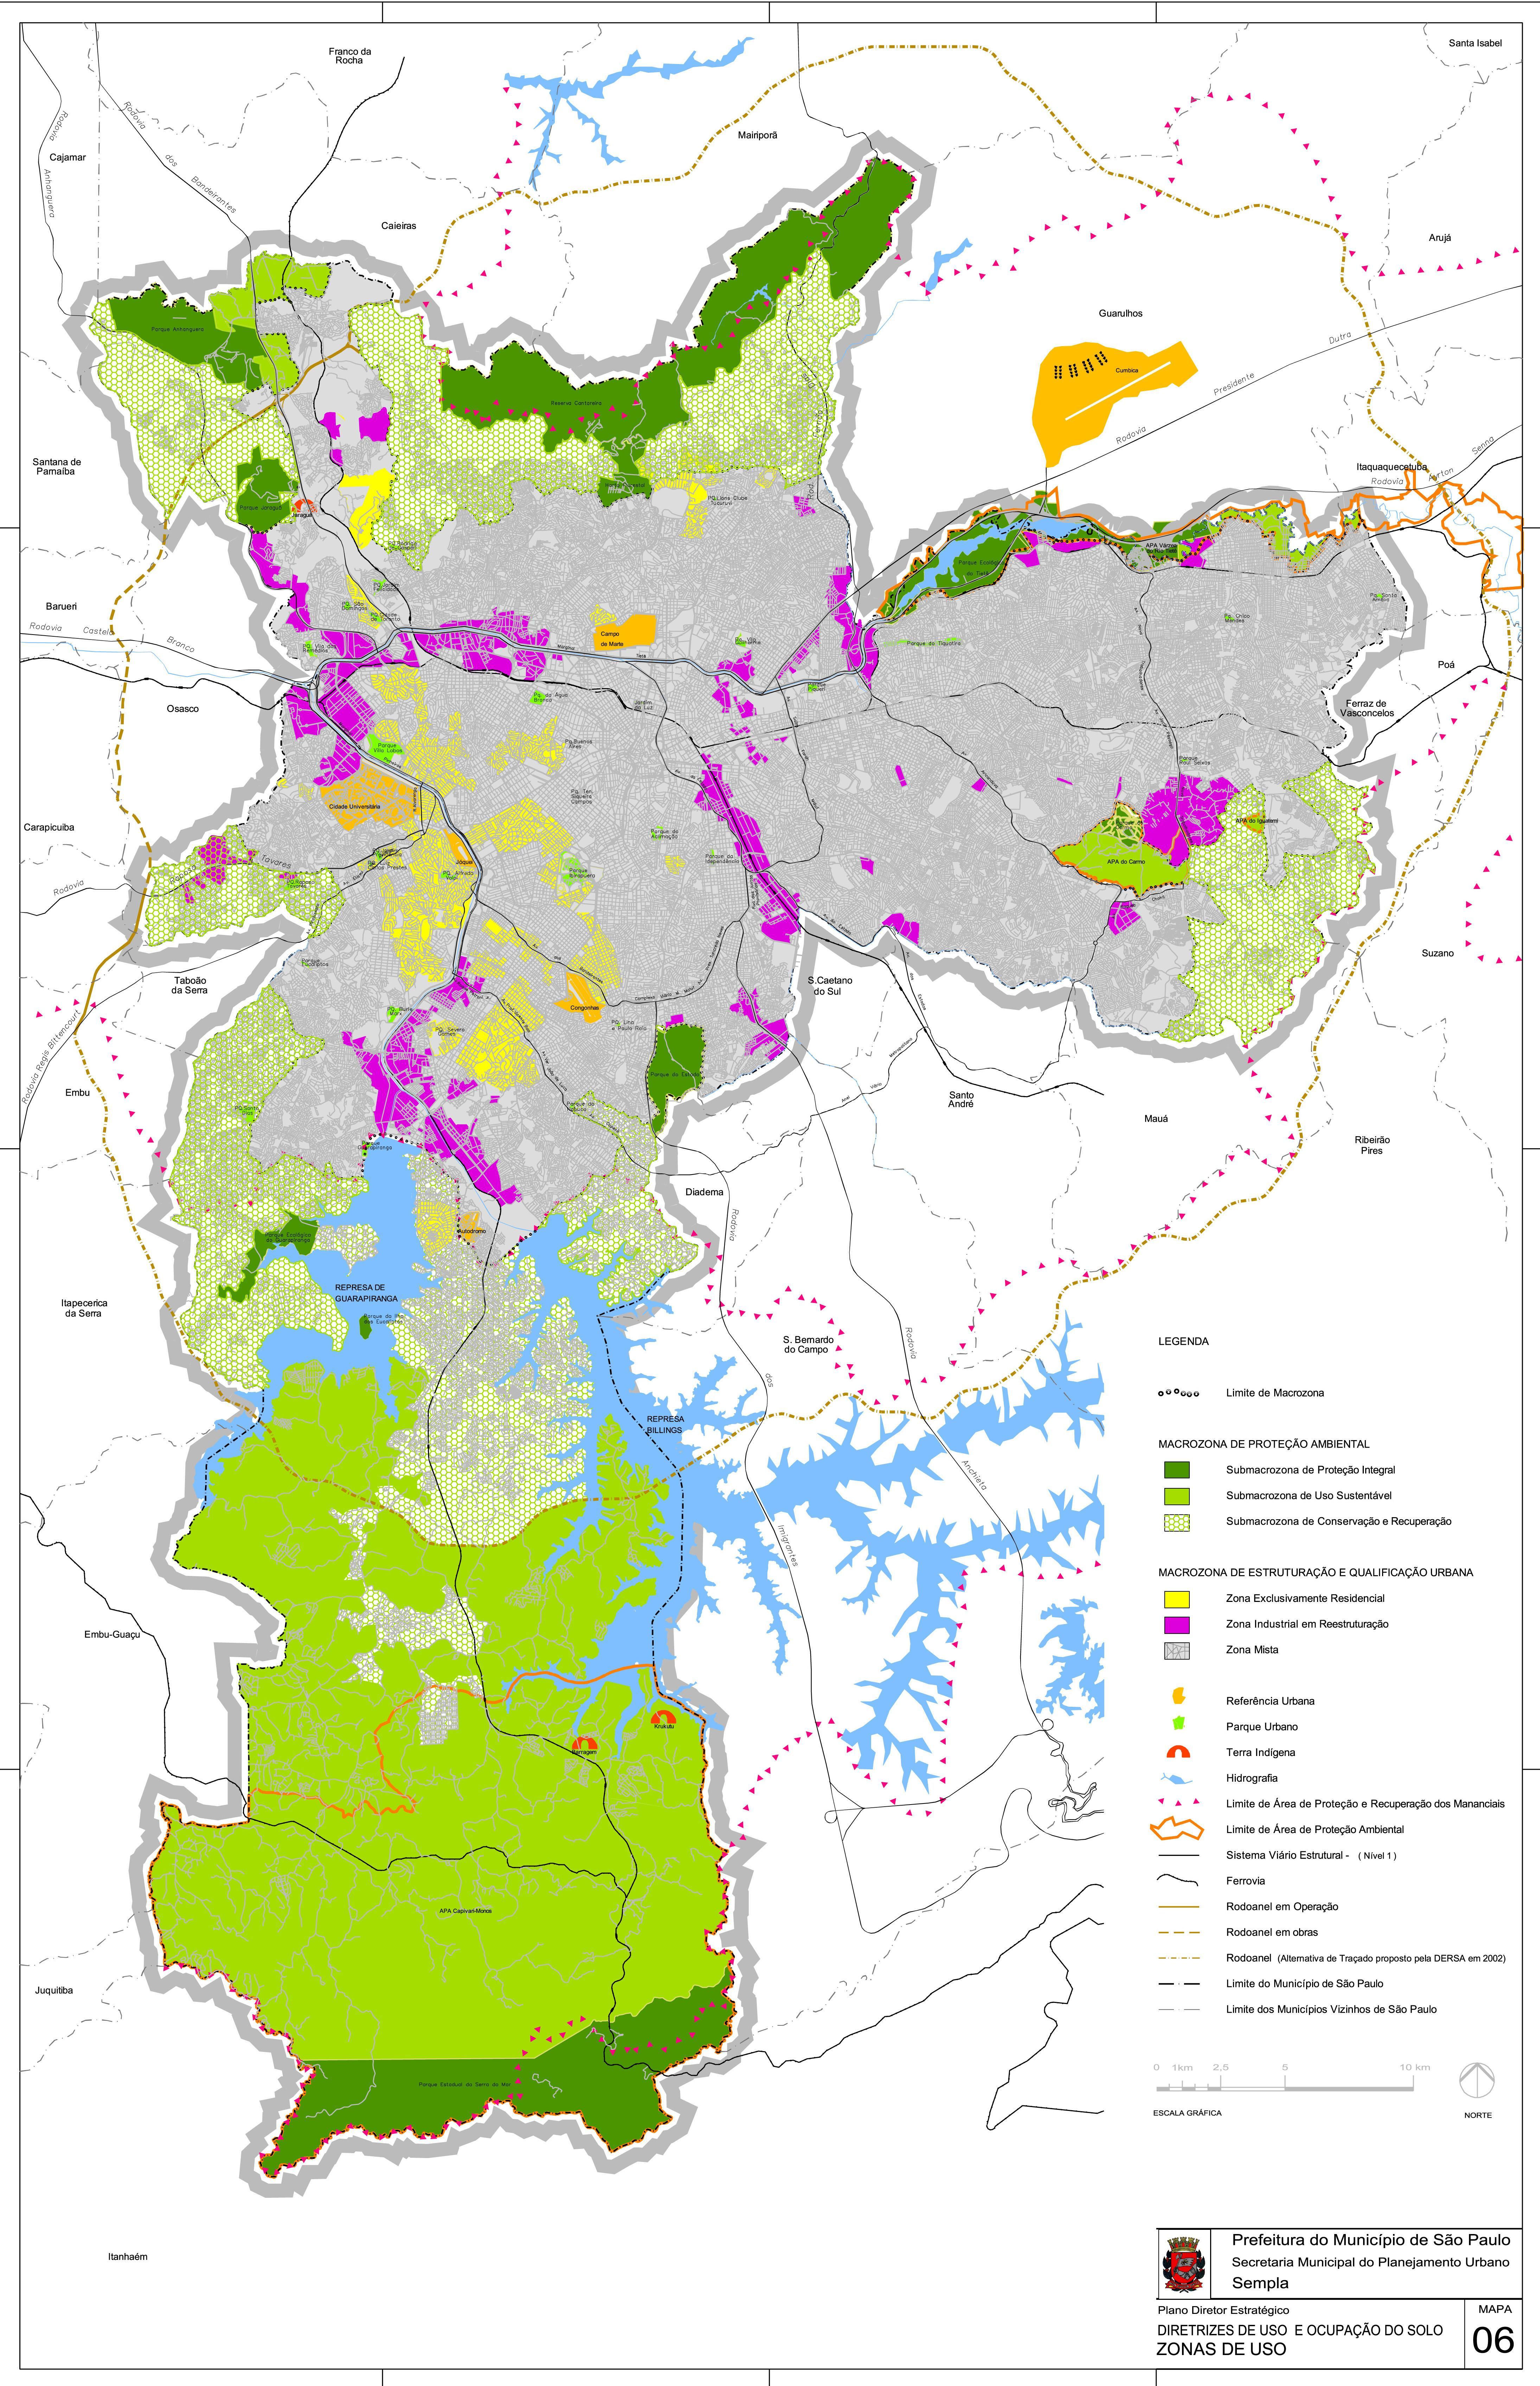 Mapa de Ocupación y Uso del Suelo de la Ciudad de São Paulo, Brasil